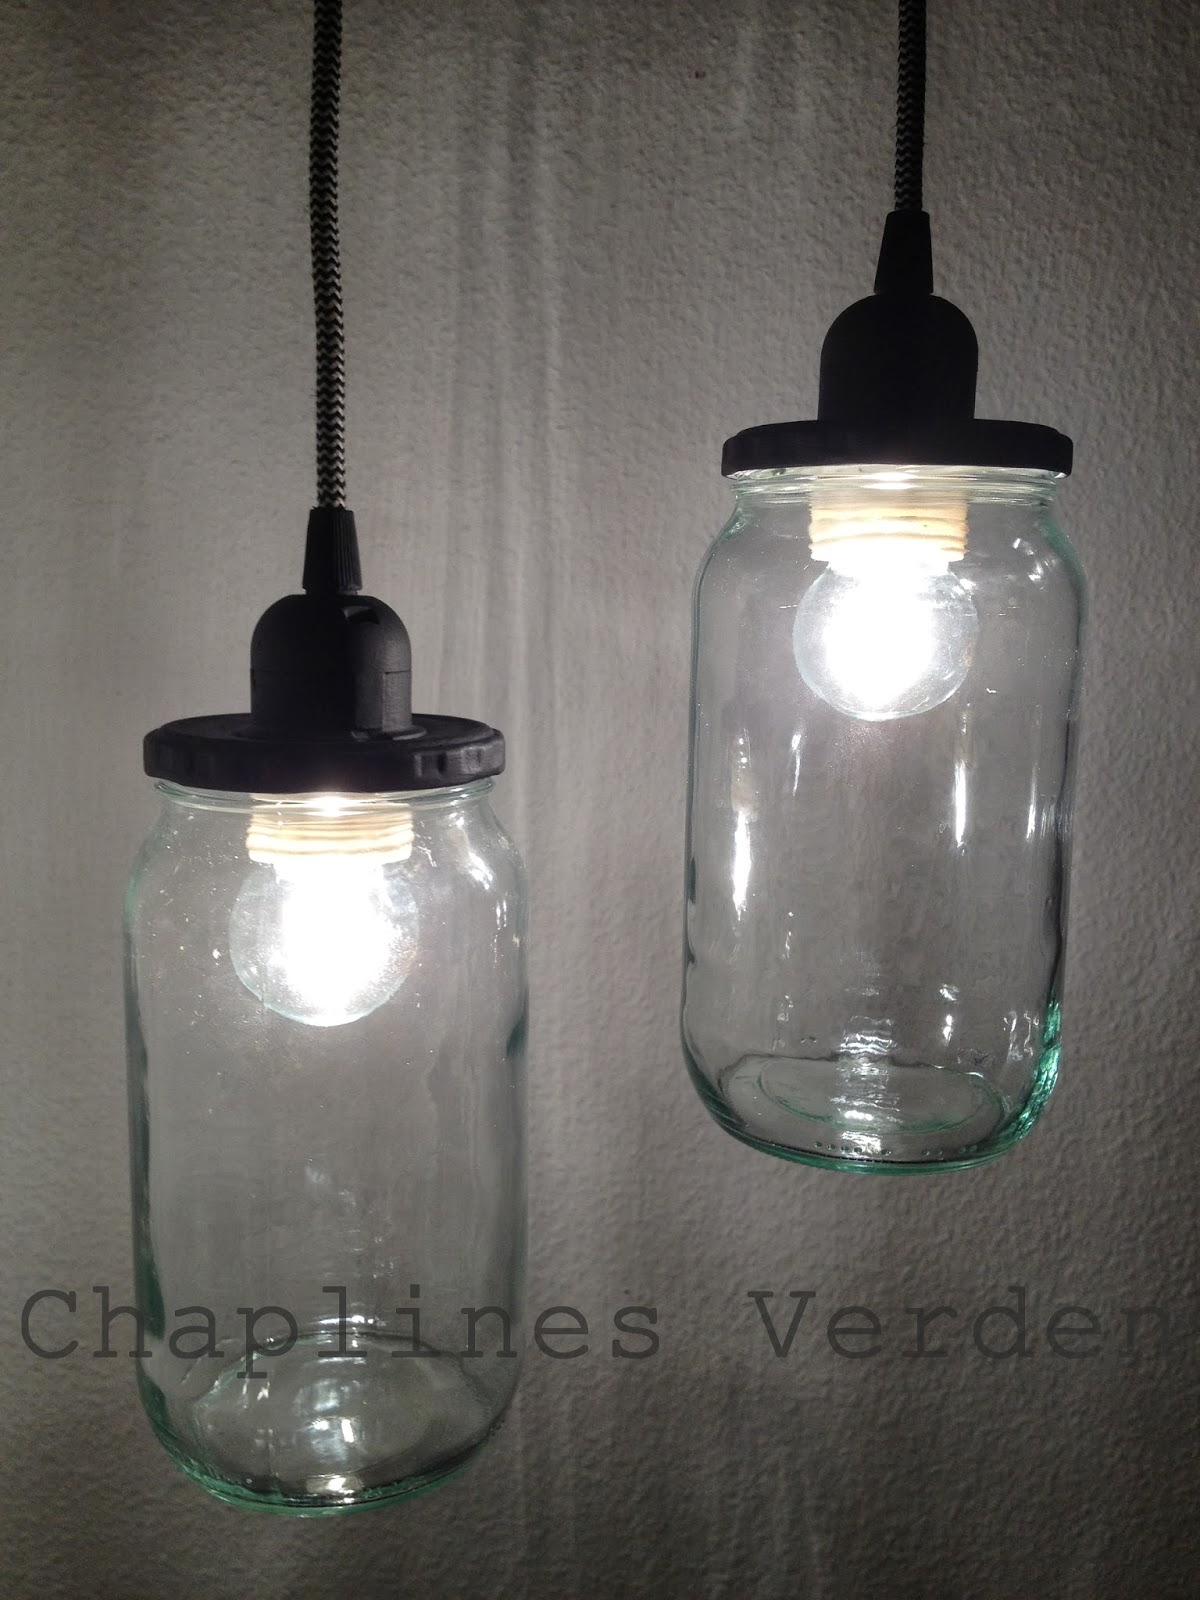 #7A6B51 Mest effektive Chaplines Verden: DIY Lamper Gør Det Selv Lampe 5655 120016005655